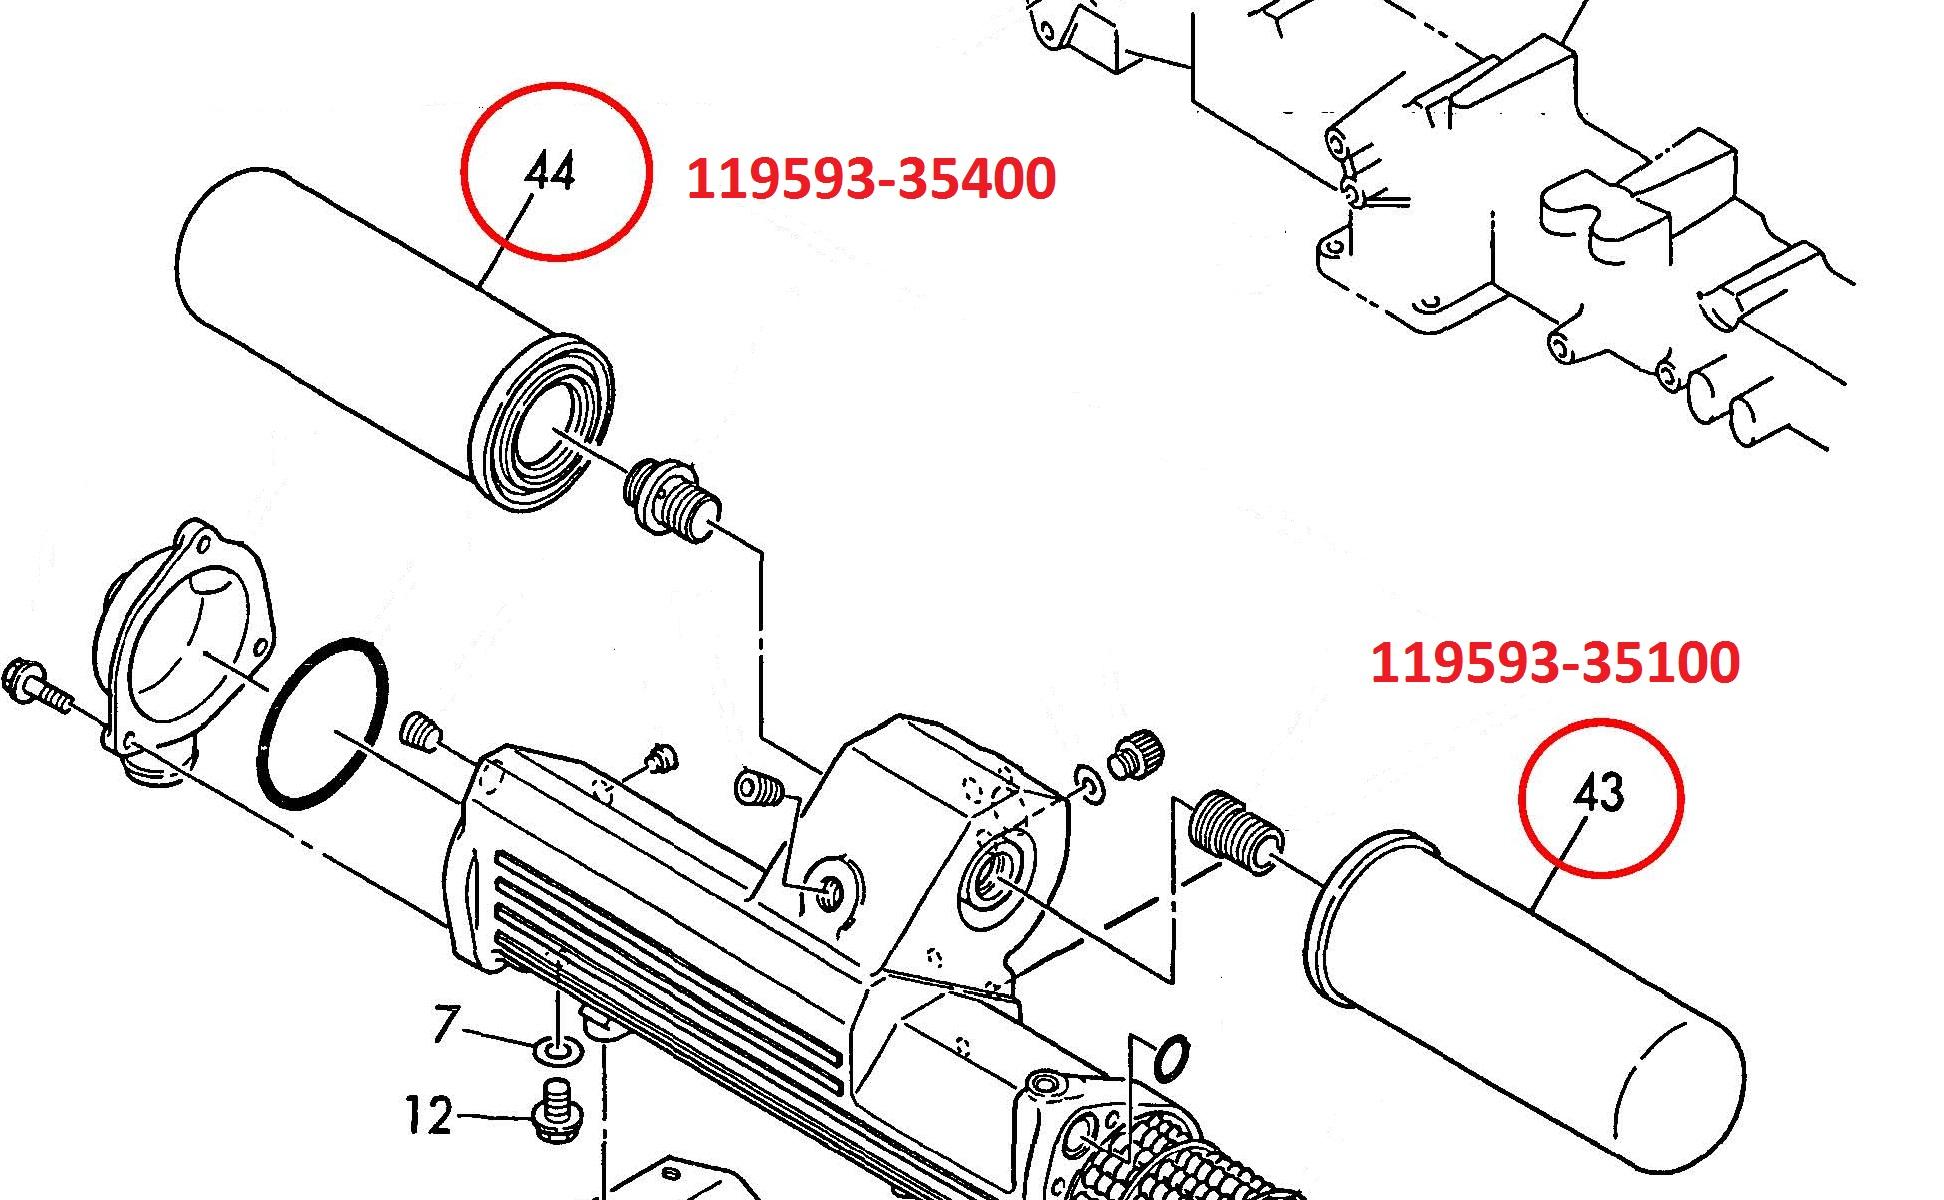 119593-35400 Bypass Oil Filter